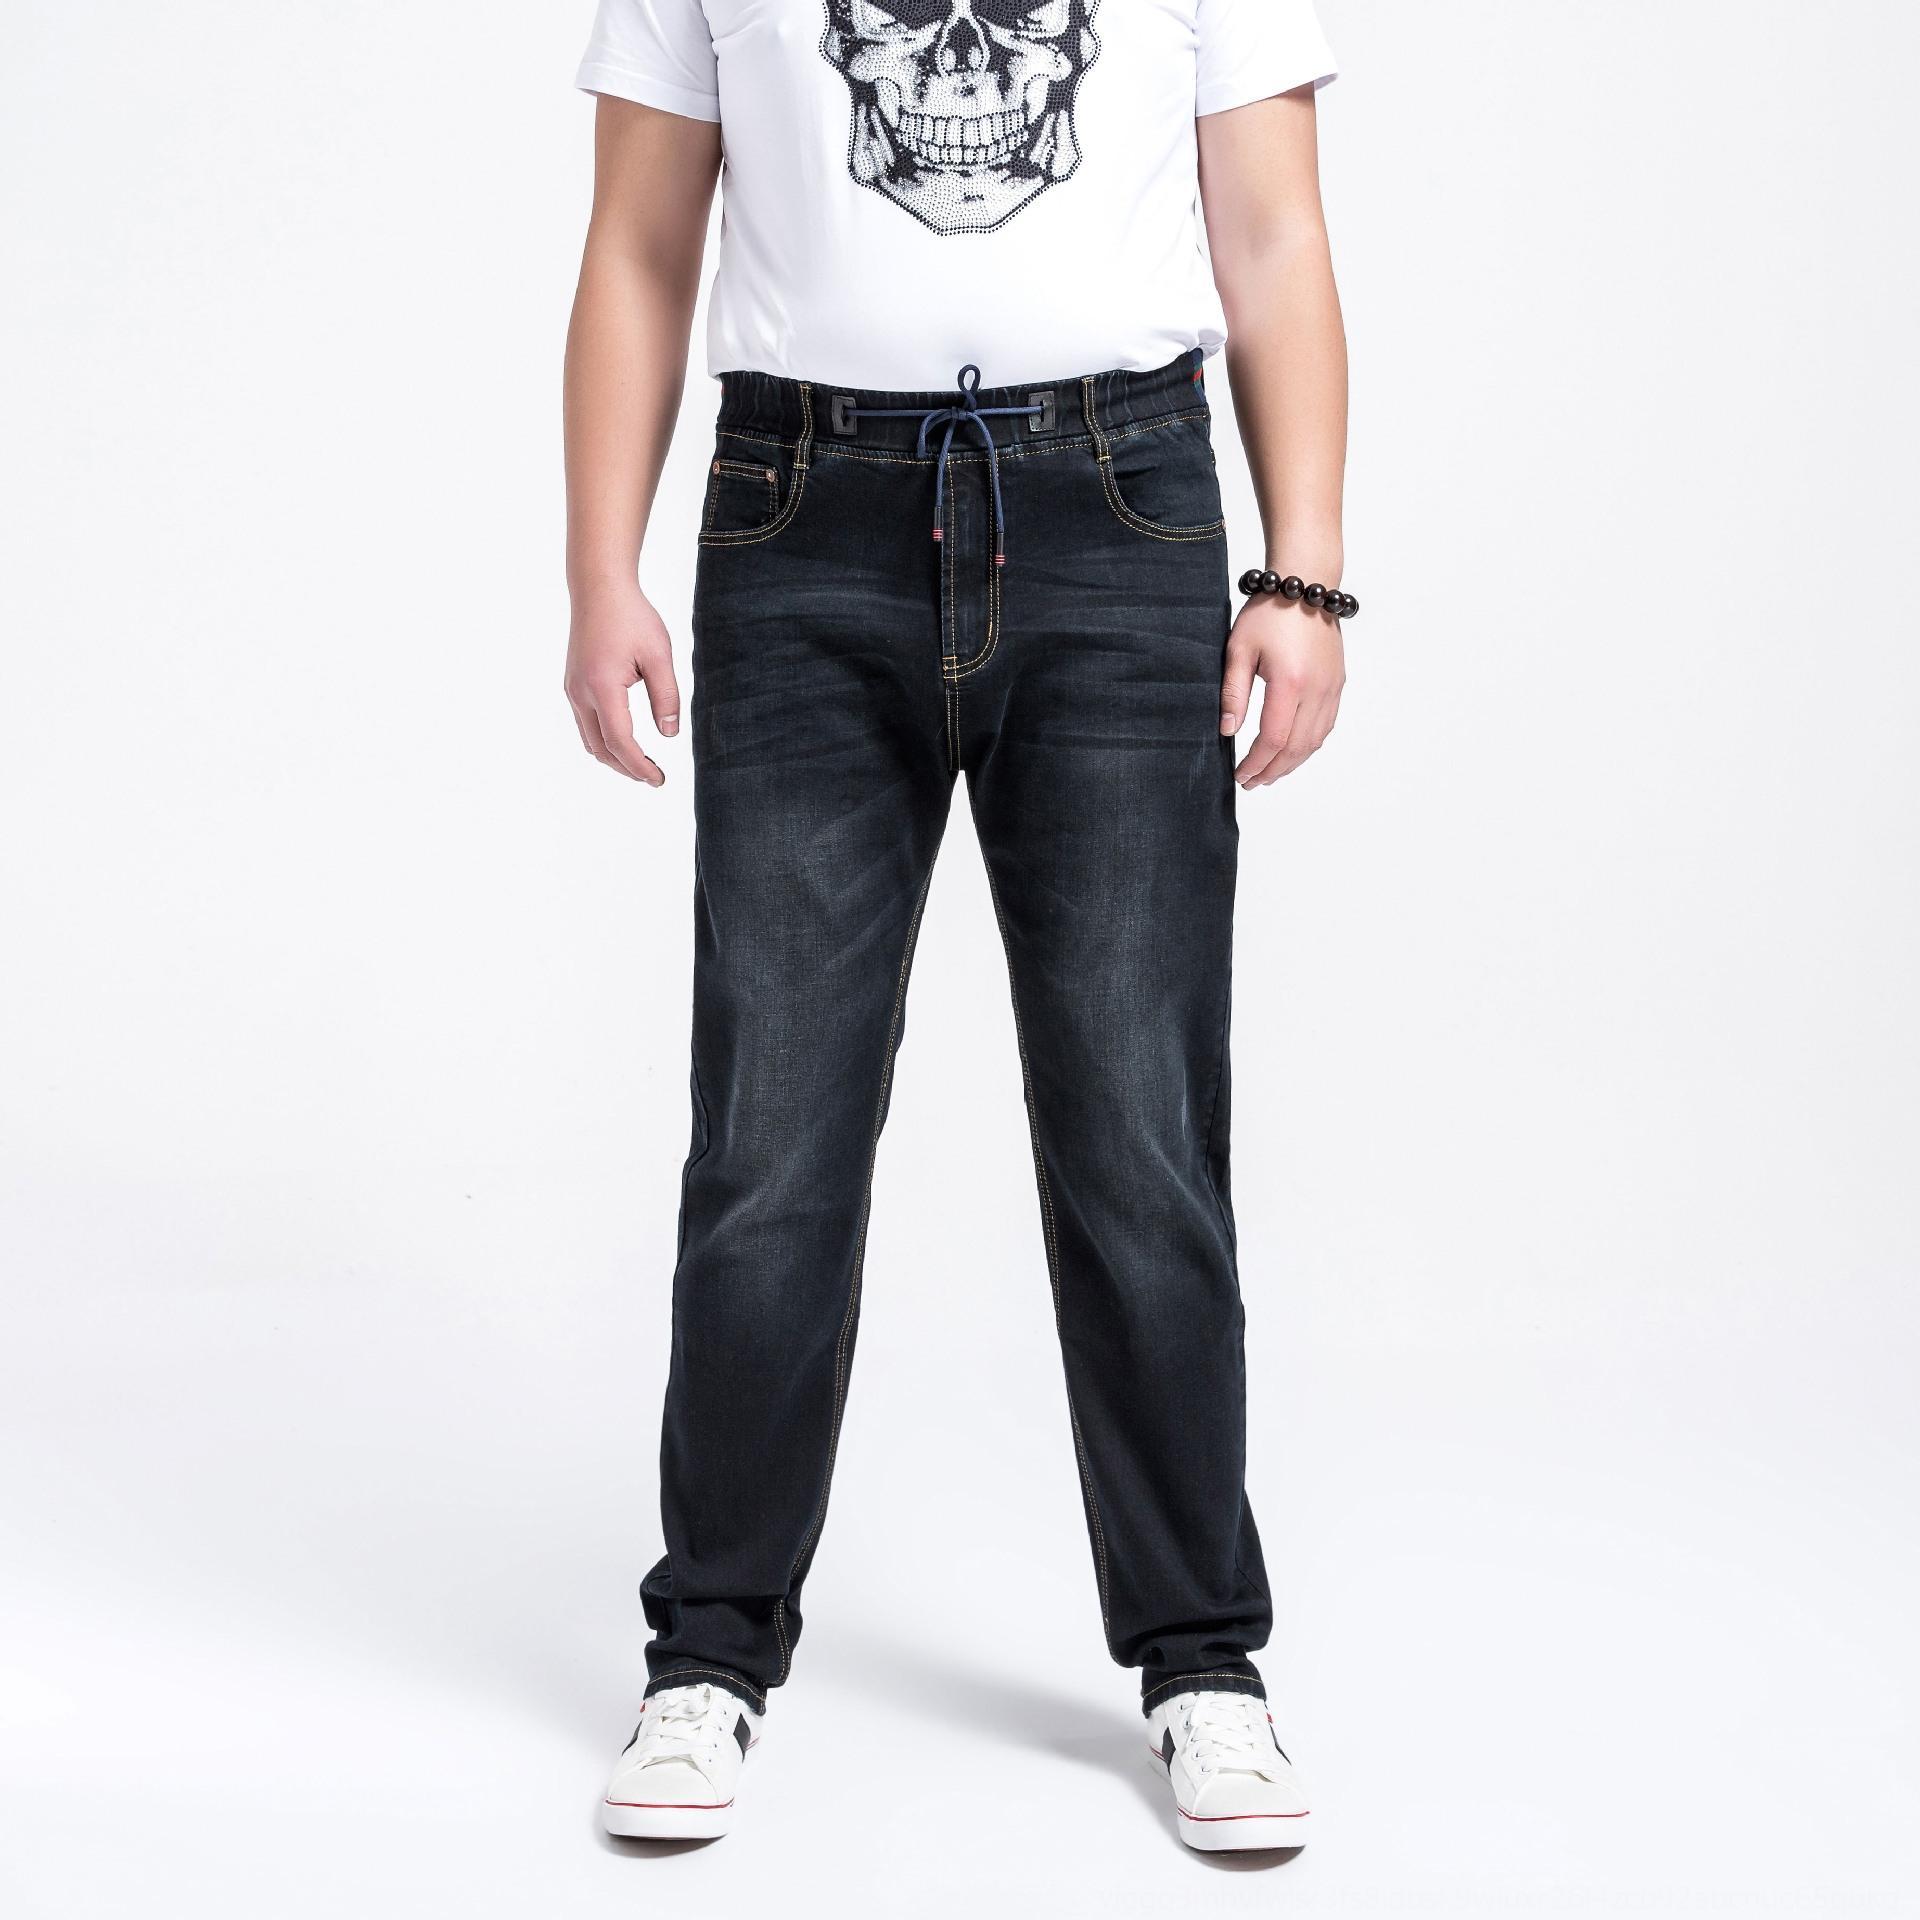 calças de ganga para um2WK jeanstrousers homens magros e Verão e jeanspants elásticas calças cintura moda grande elasticidade tamanho alta X jeans casual ônibus XJoz0